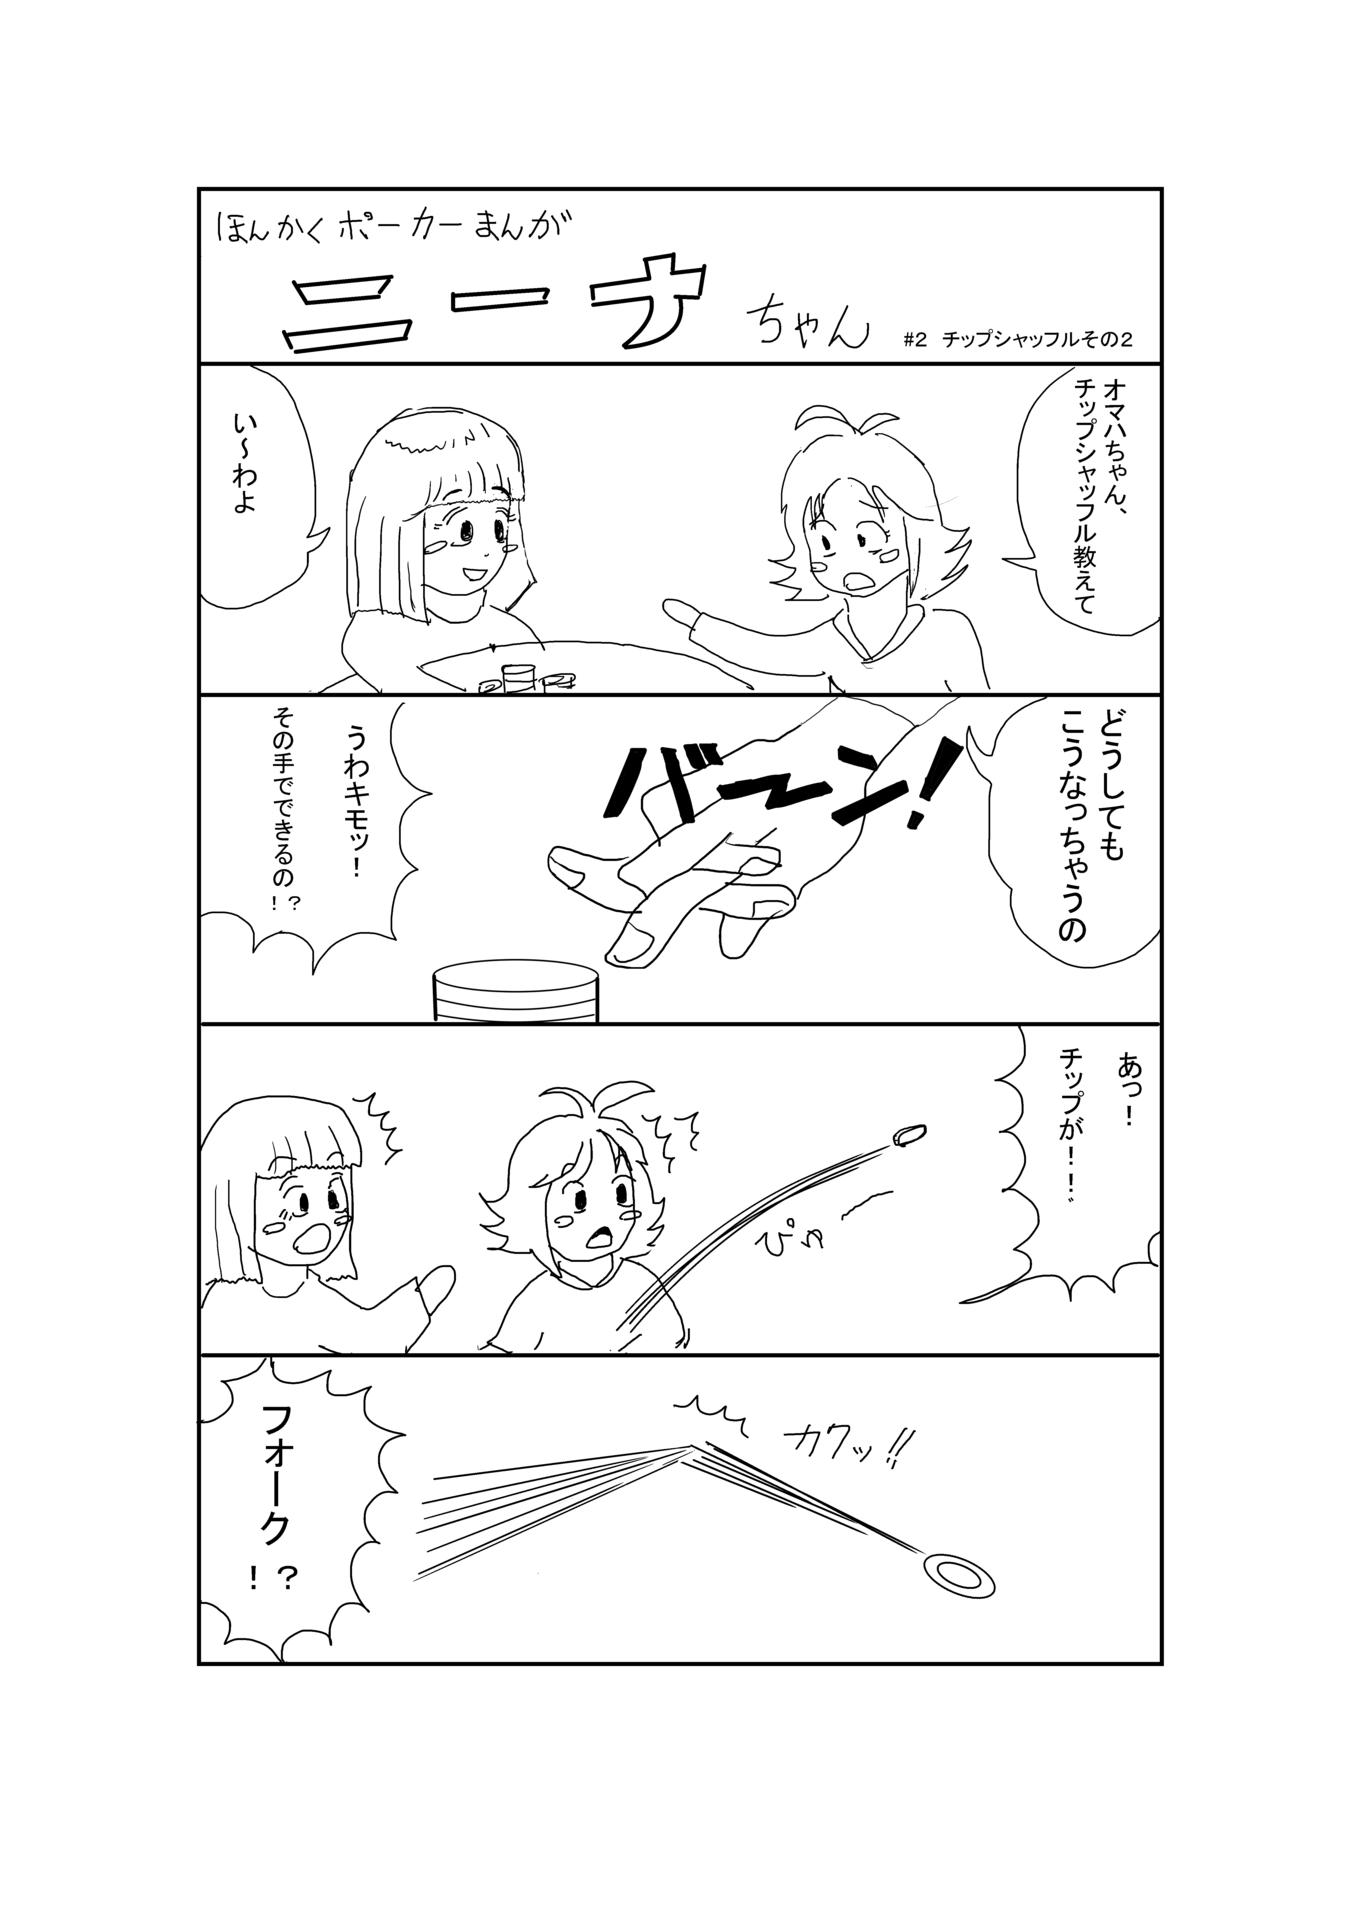 ニーナちゃん2.png